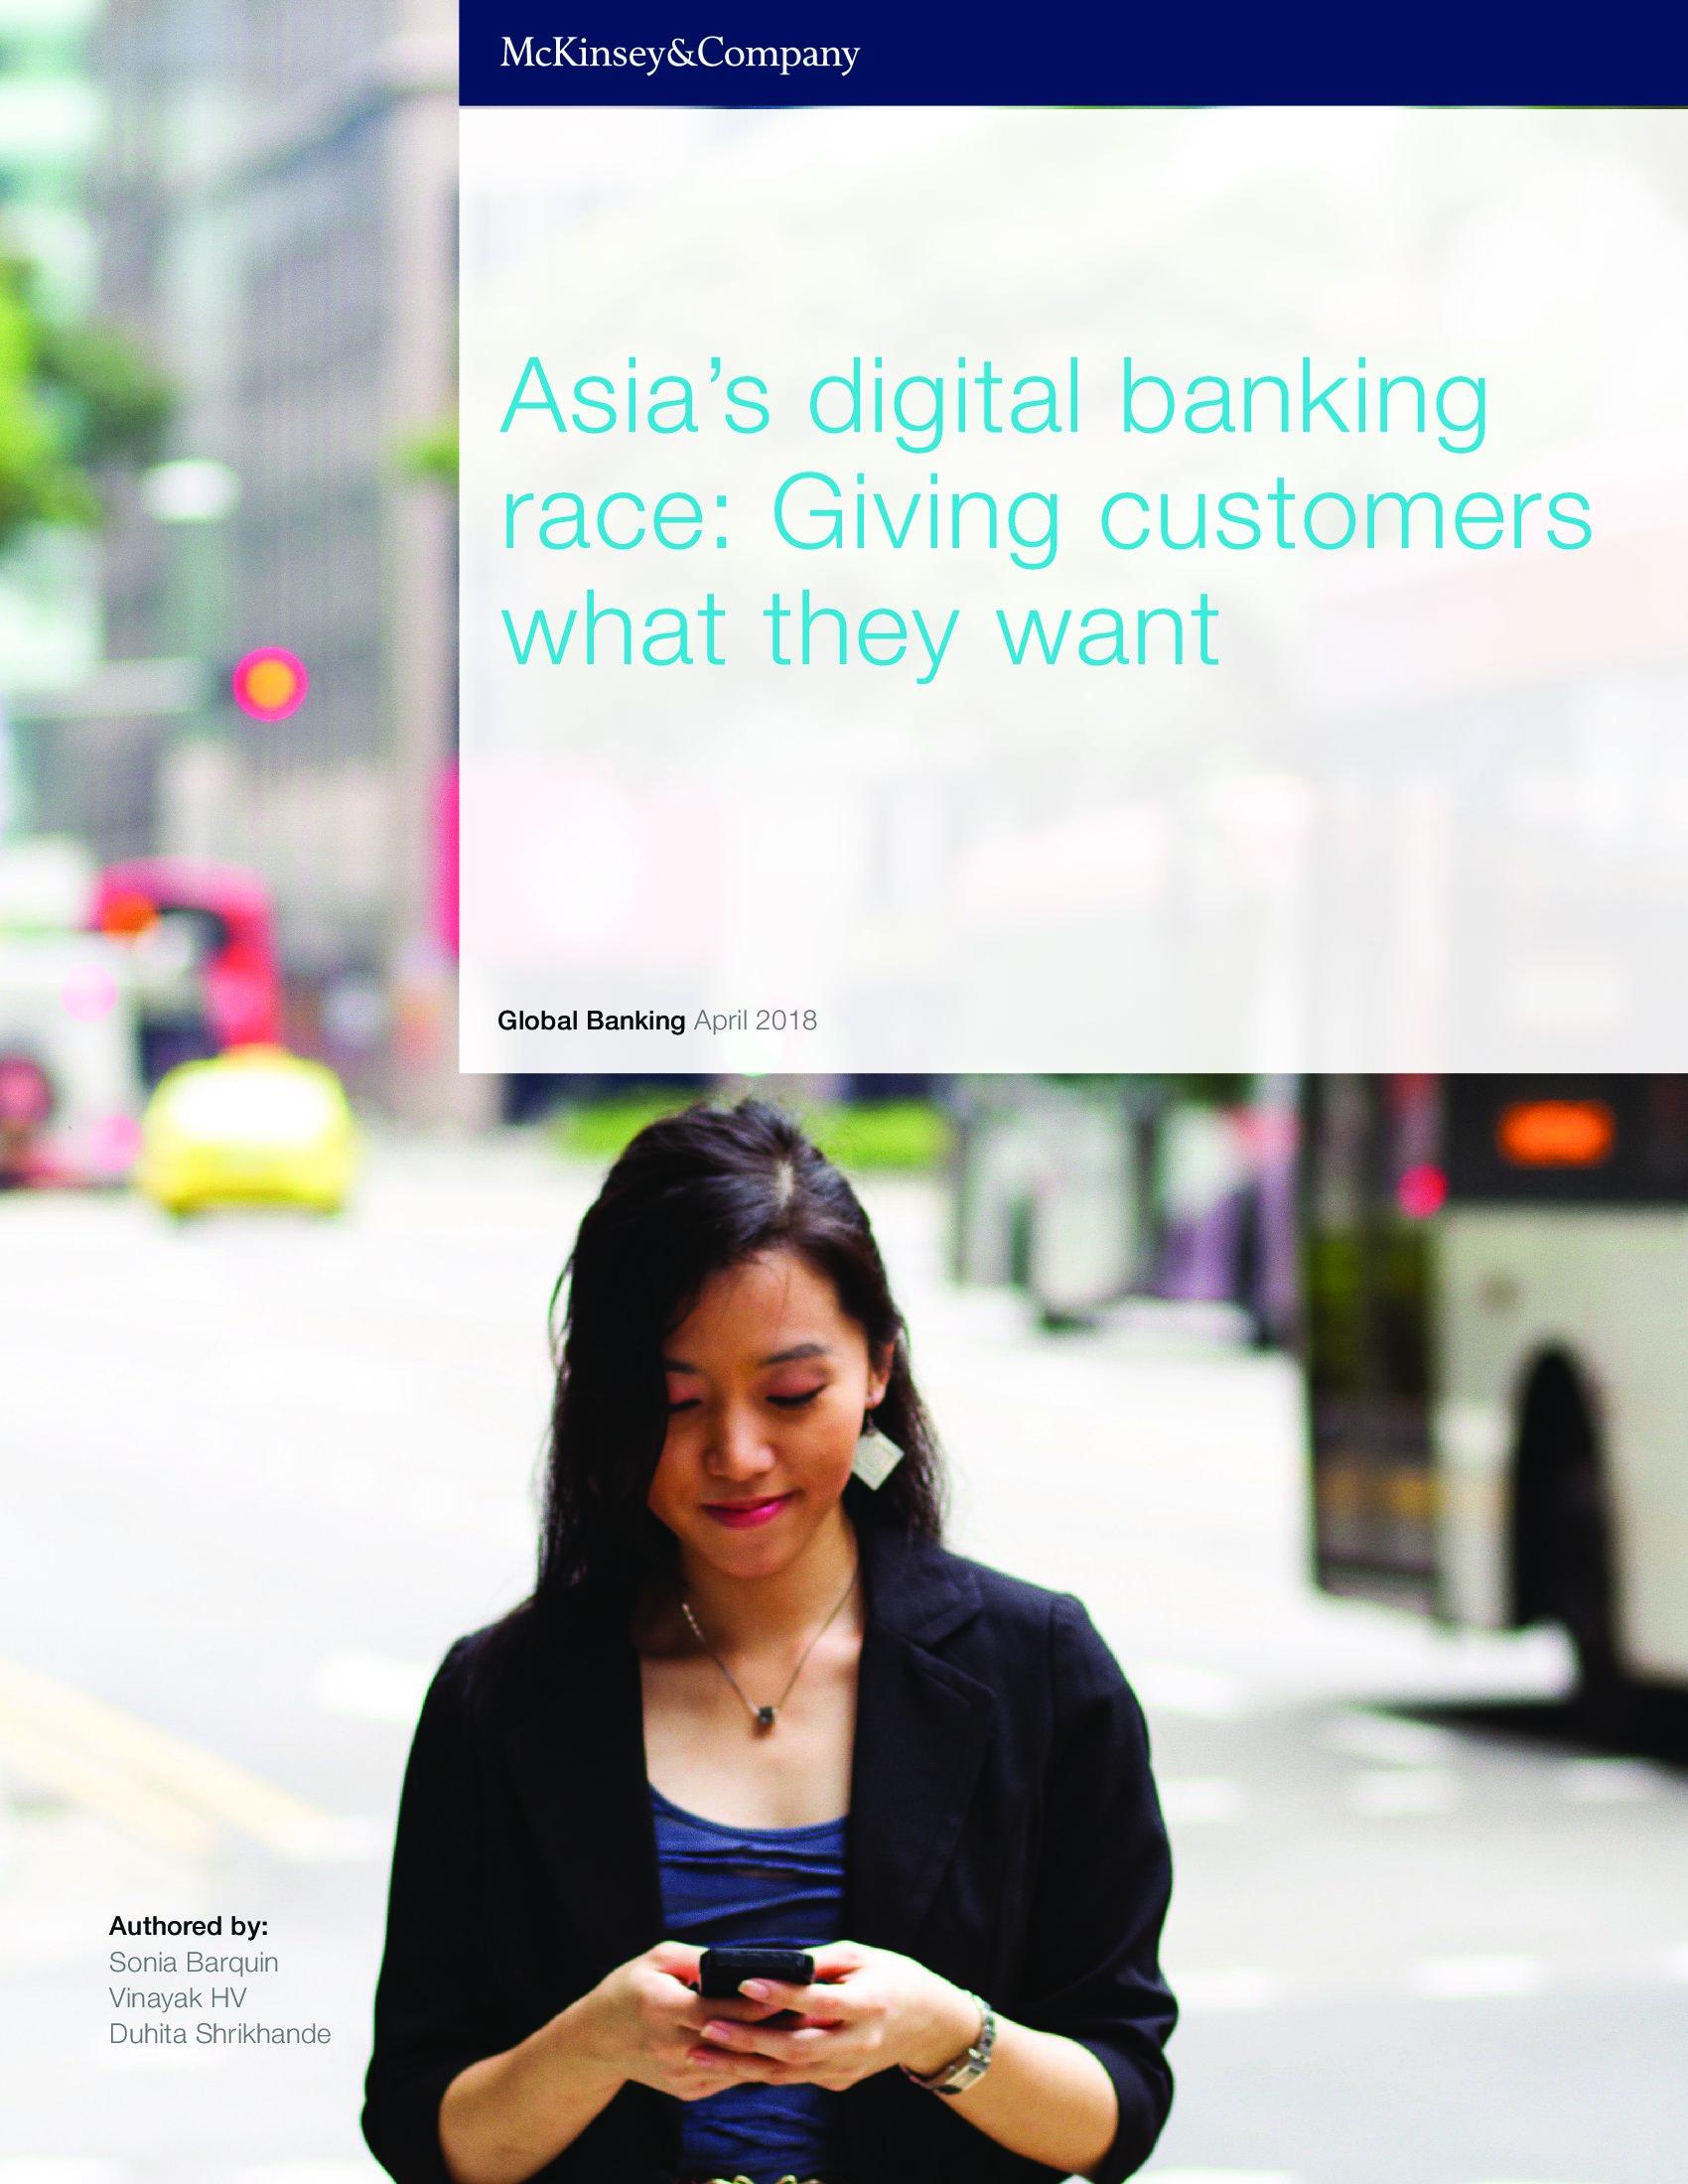 亚洲网络银行竞赛:满足客户需求报告